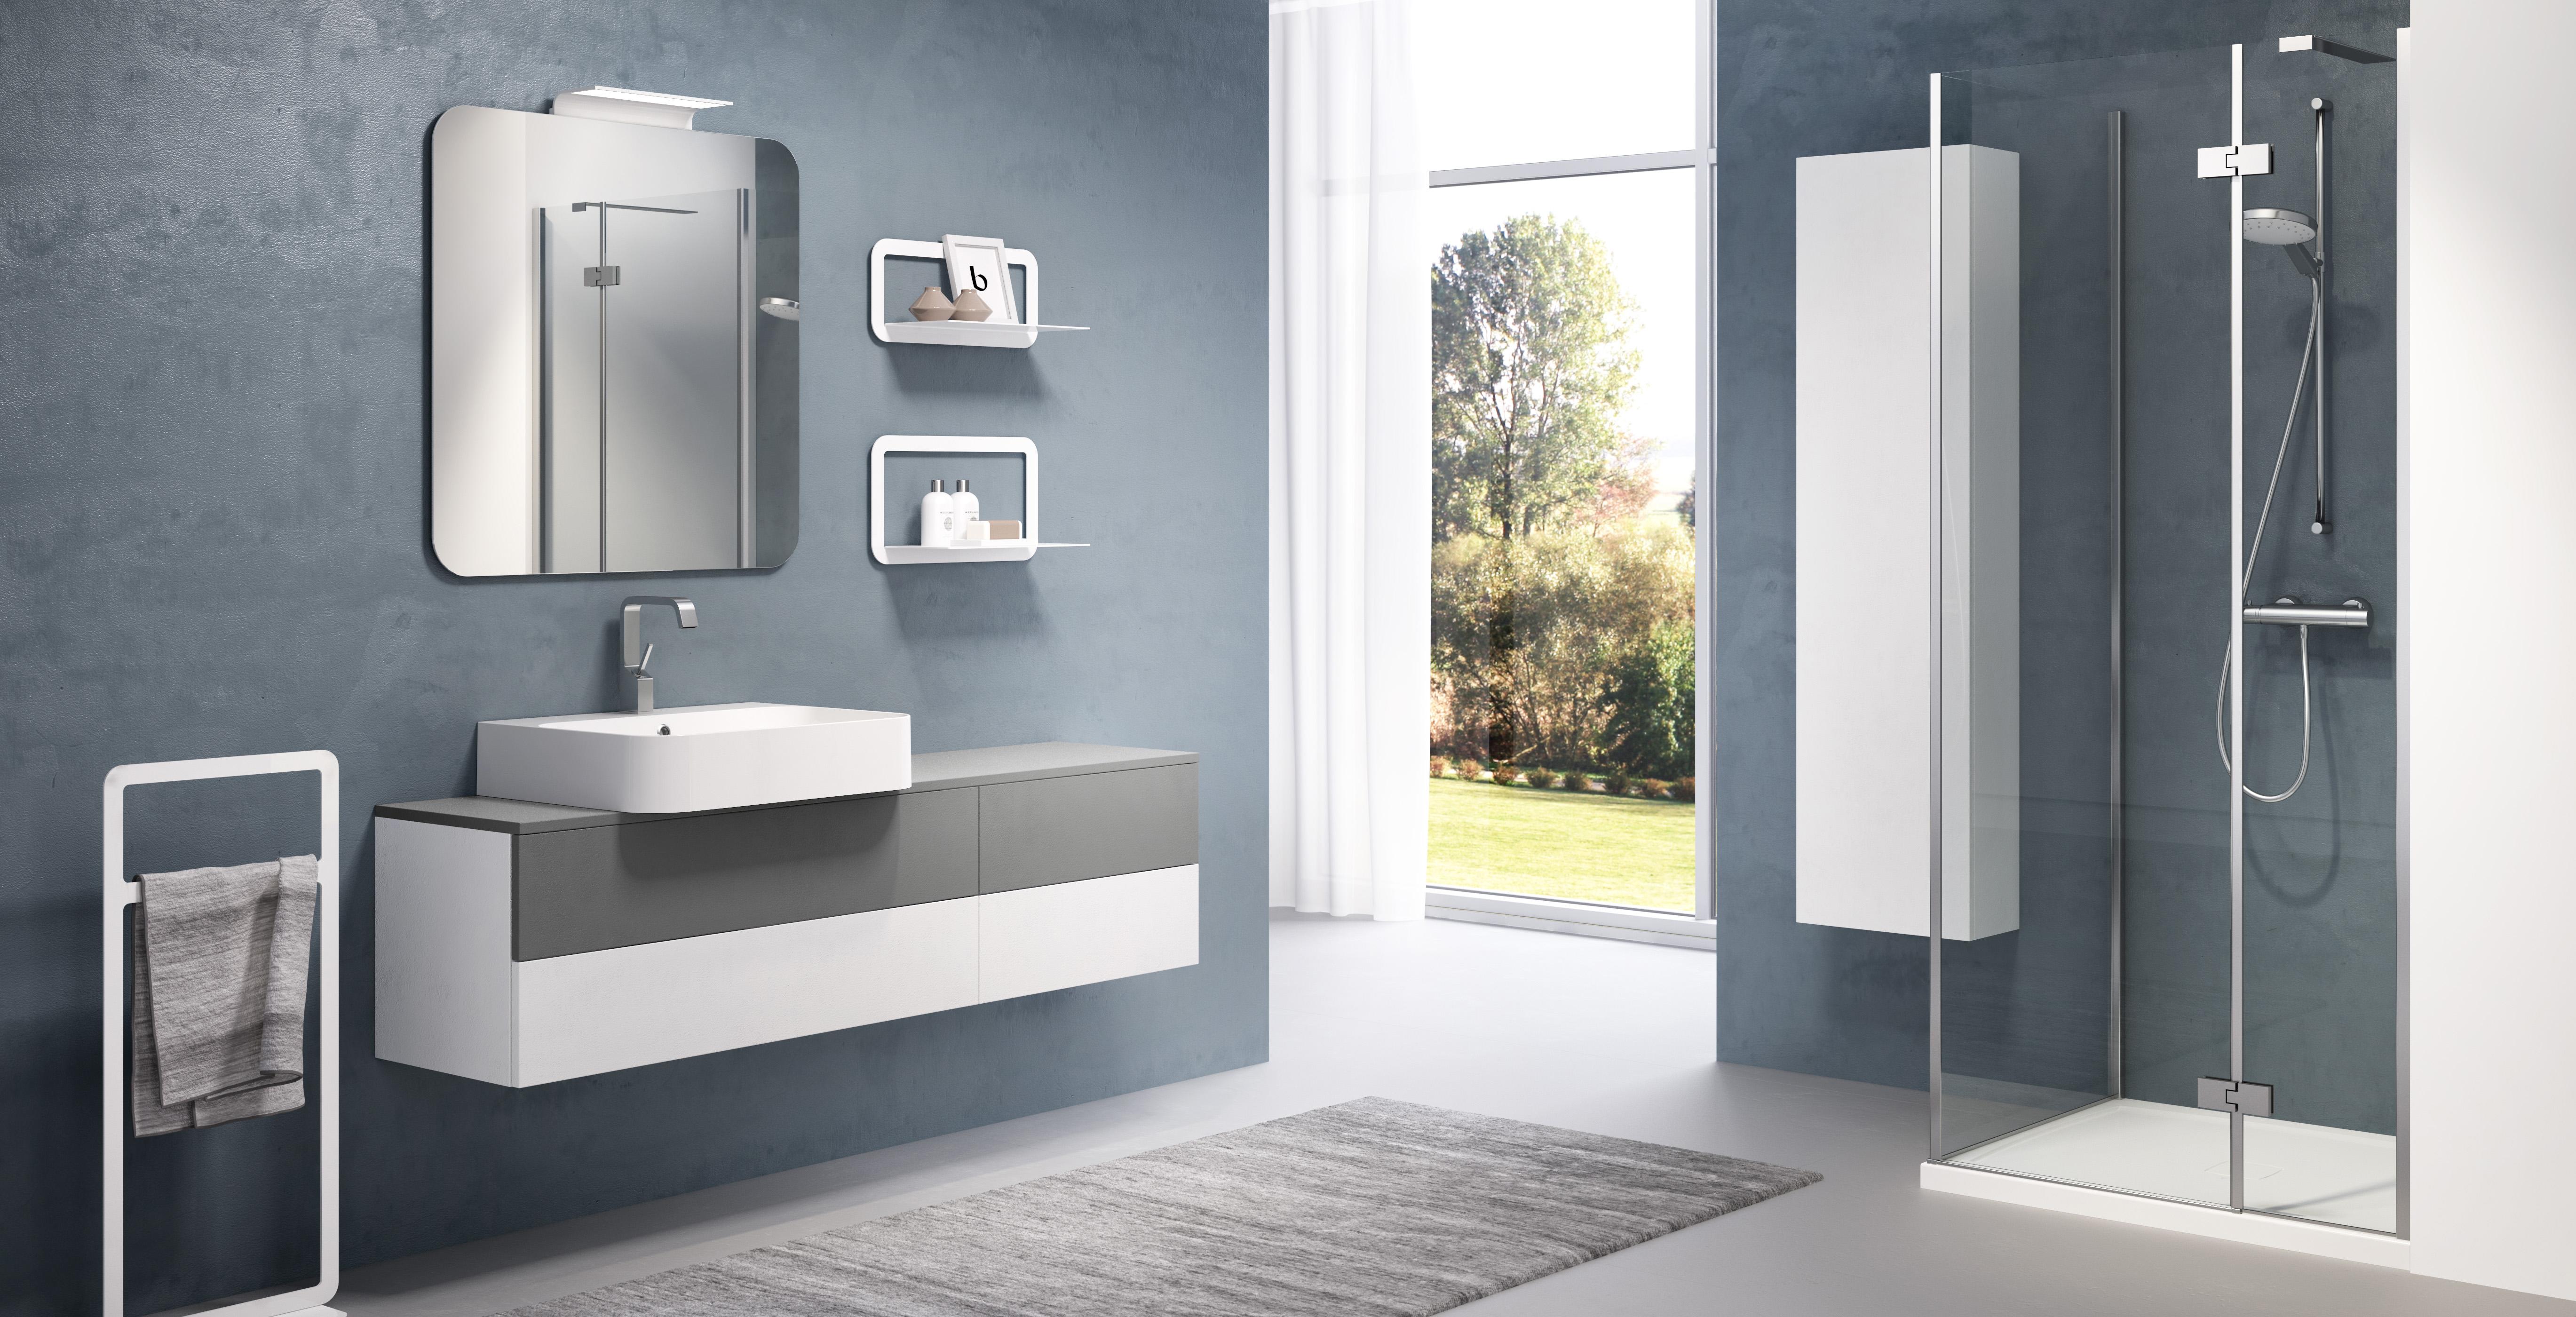 Lounge slim progetto bagno - Mobile bagno profondita 35 ...